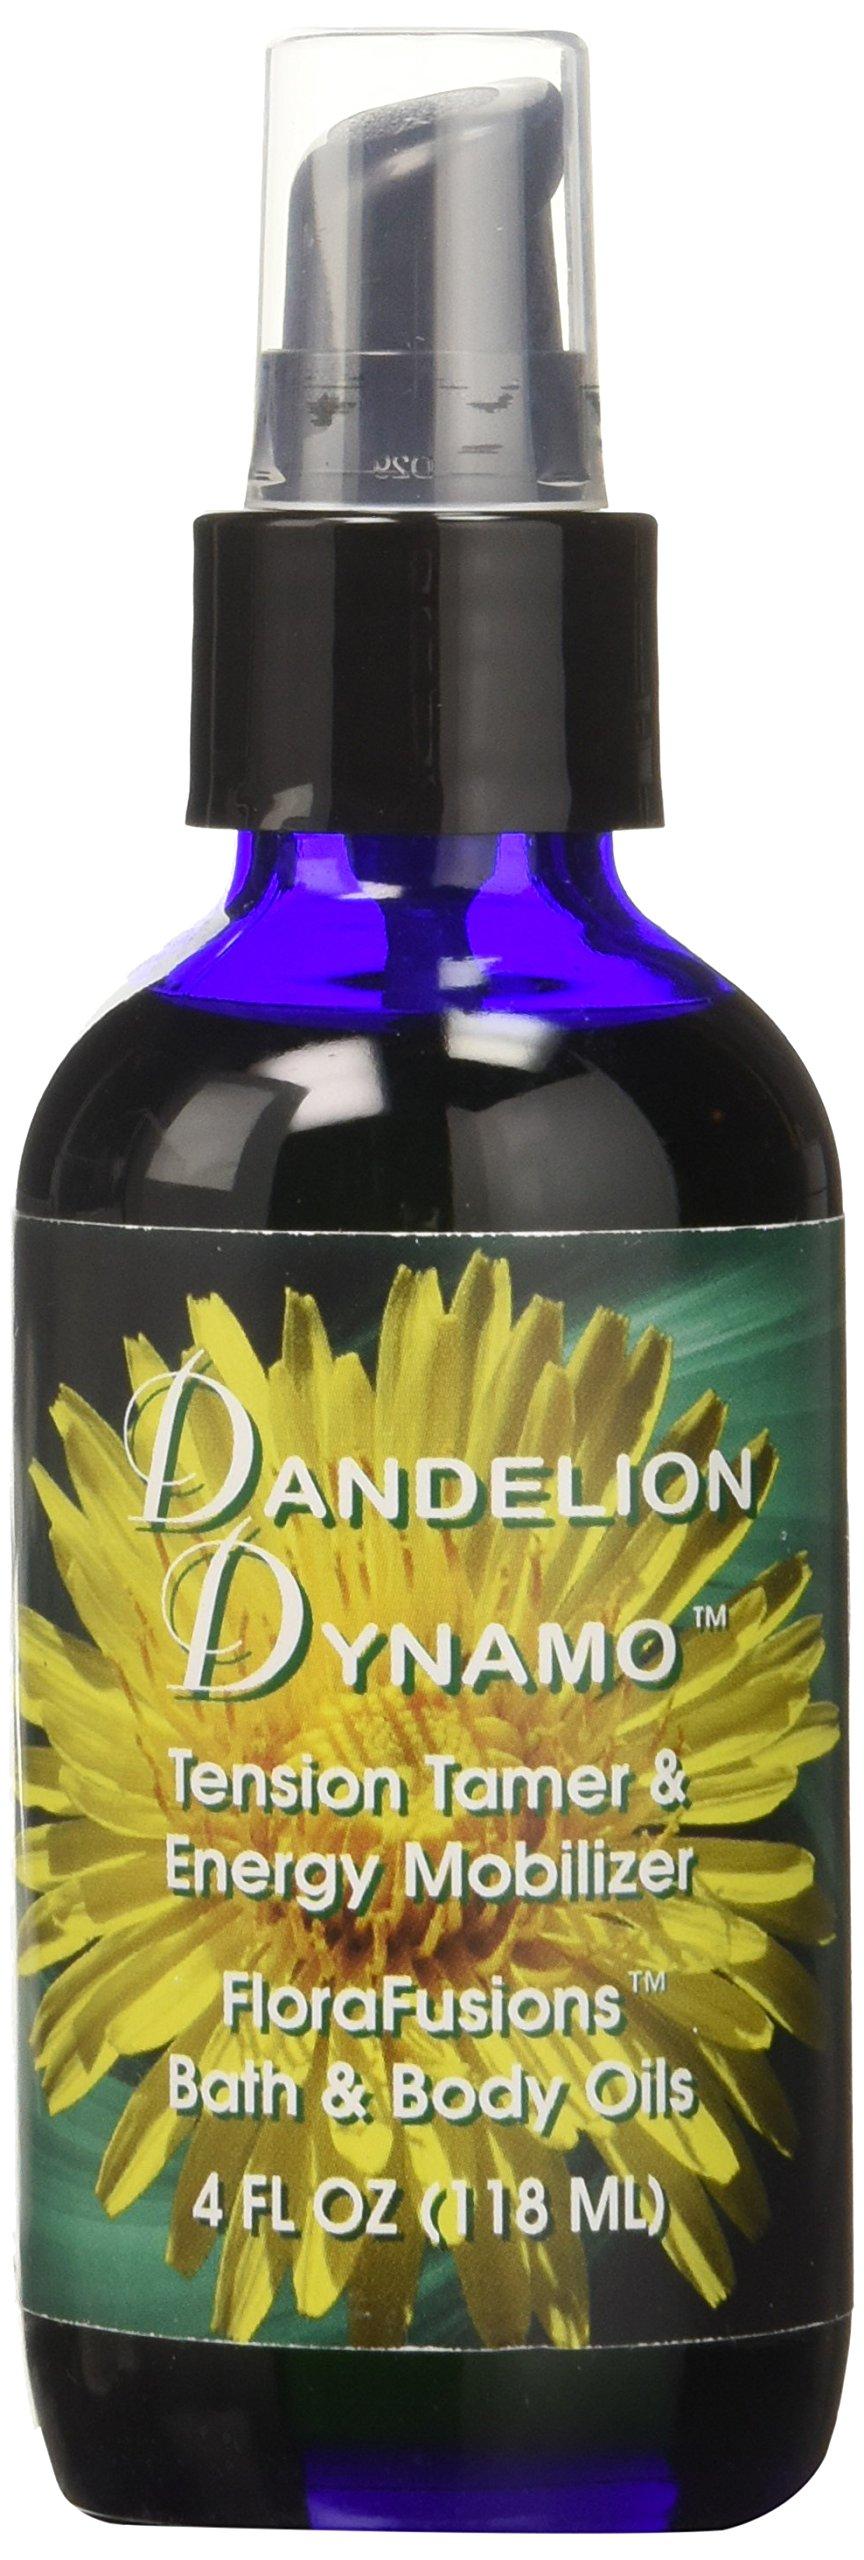 Flower Essence Services Dandelion Dynamo Pump Top, 4 Ounce